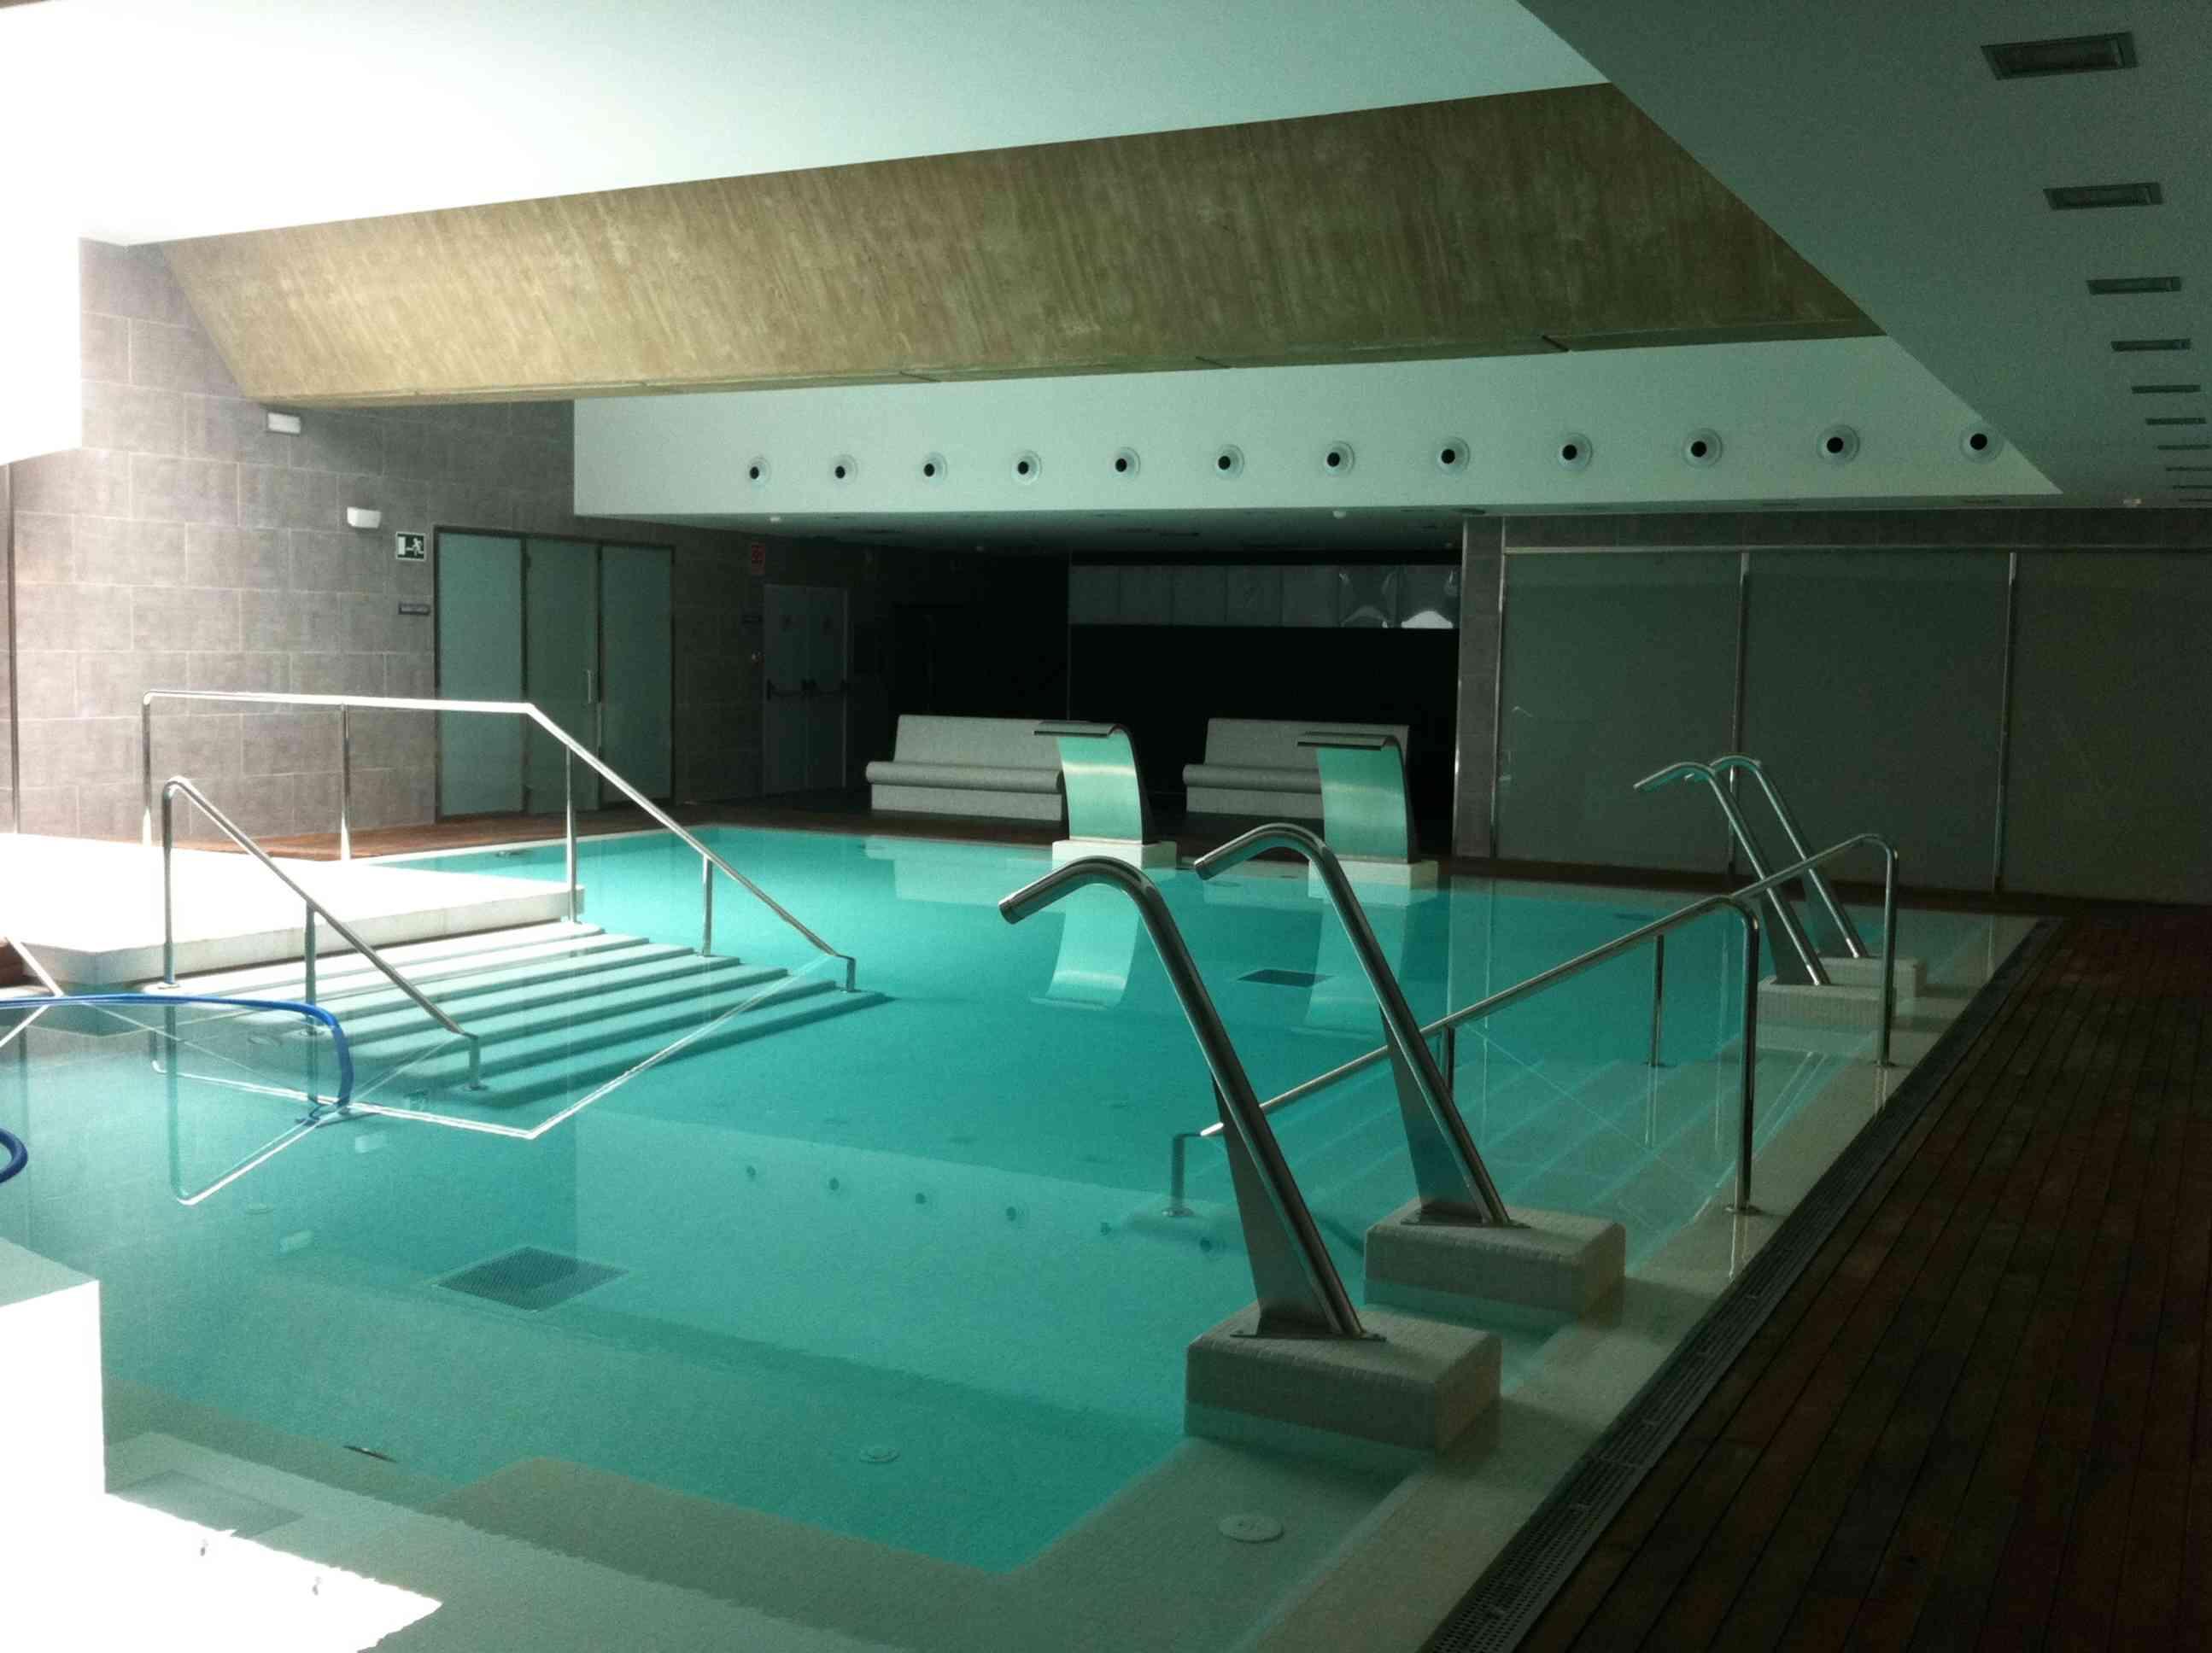 Instalación de Spa y zona termal